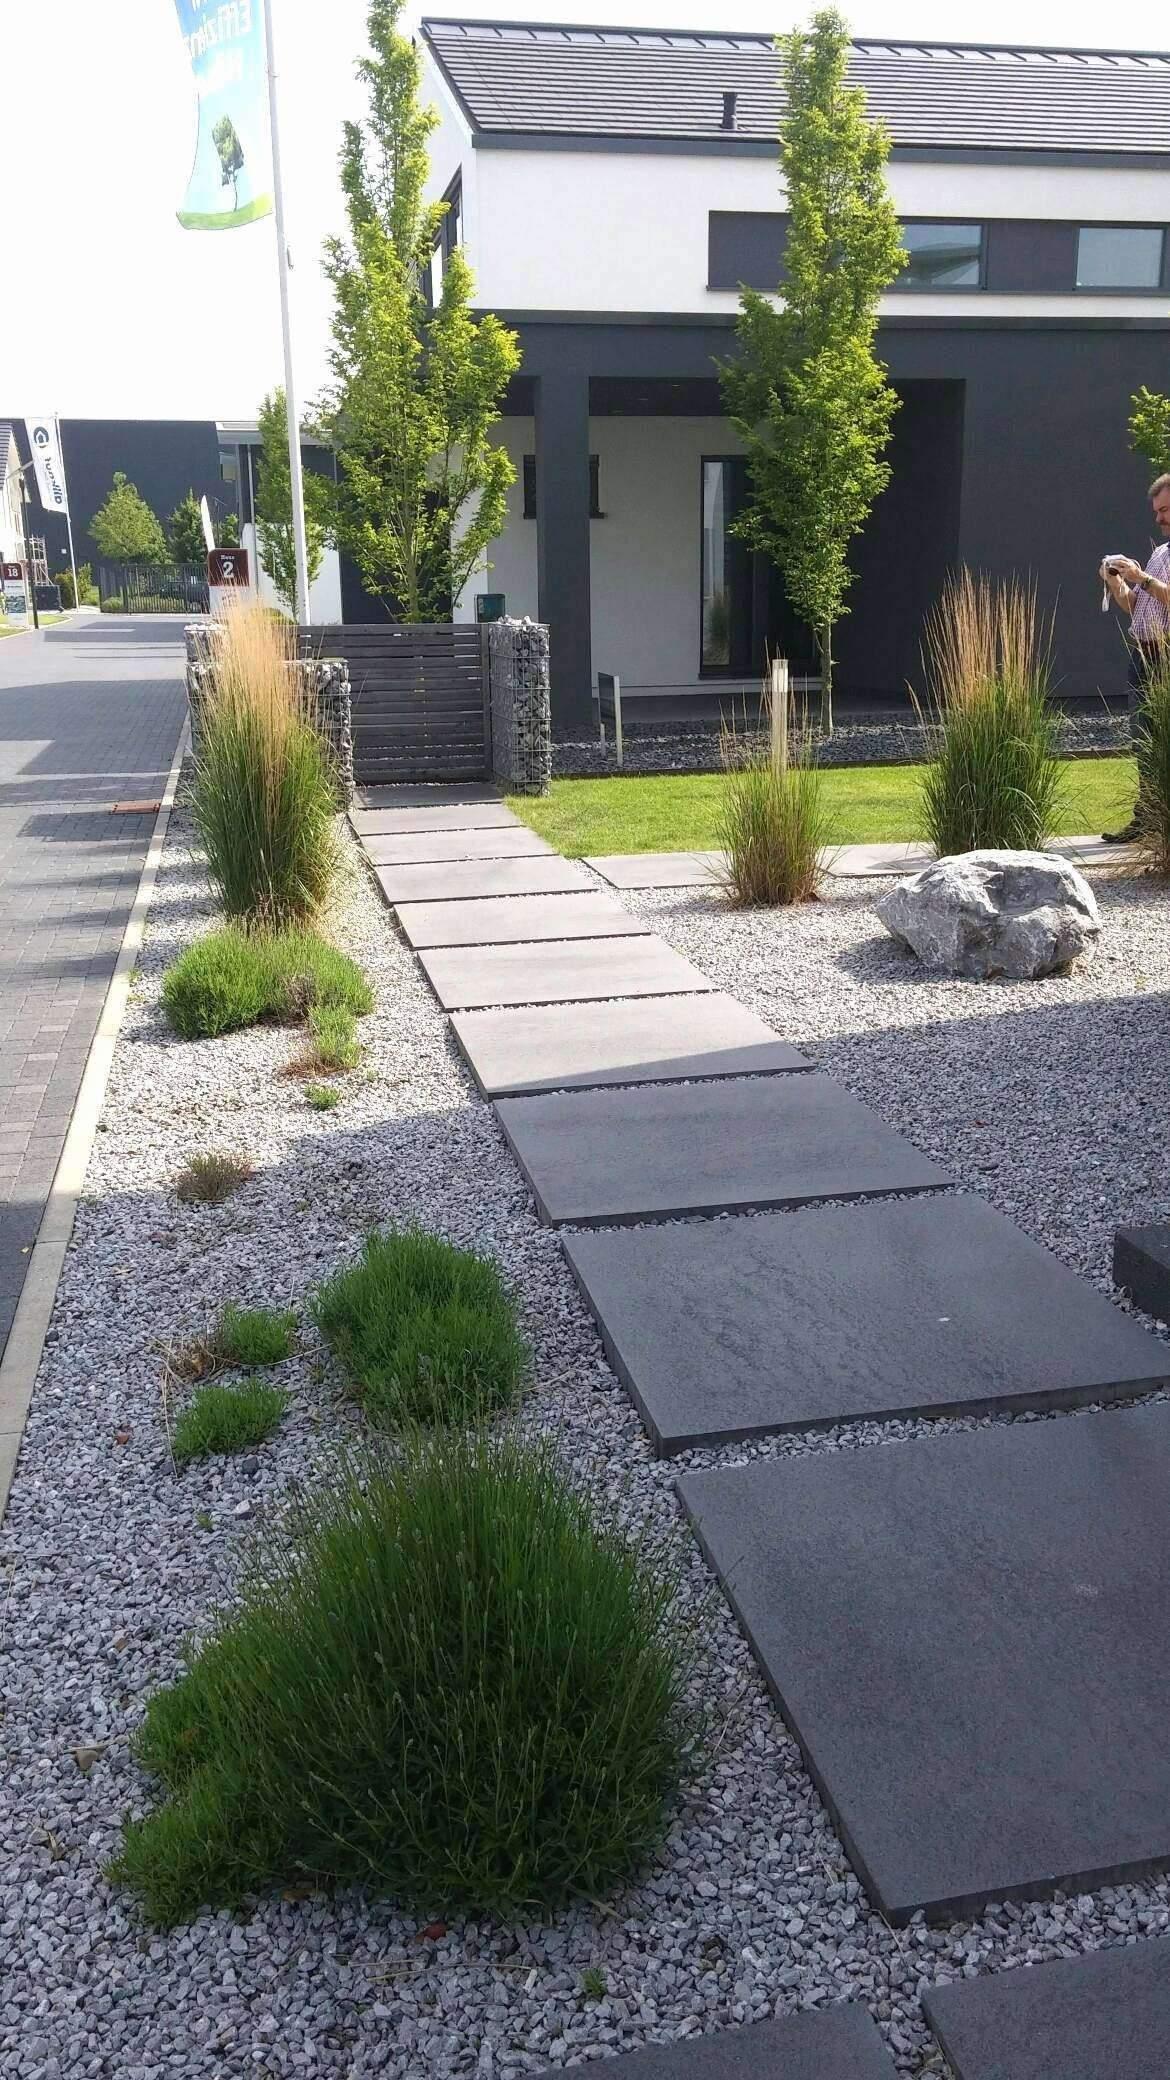 Garten Frankfurt Schön Garten Ideas Garten Anlegen Lovely Aussenleuchten Garten 0d